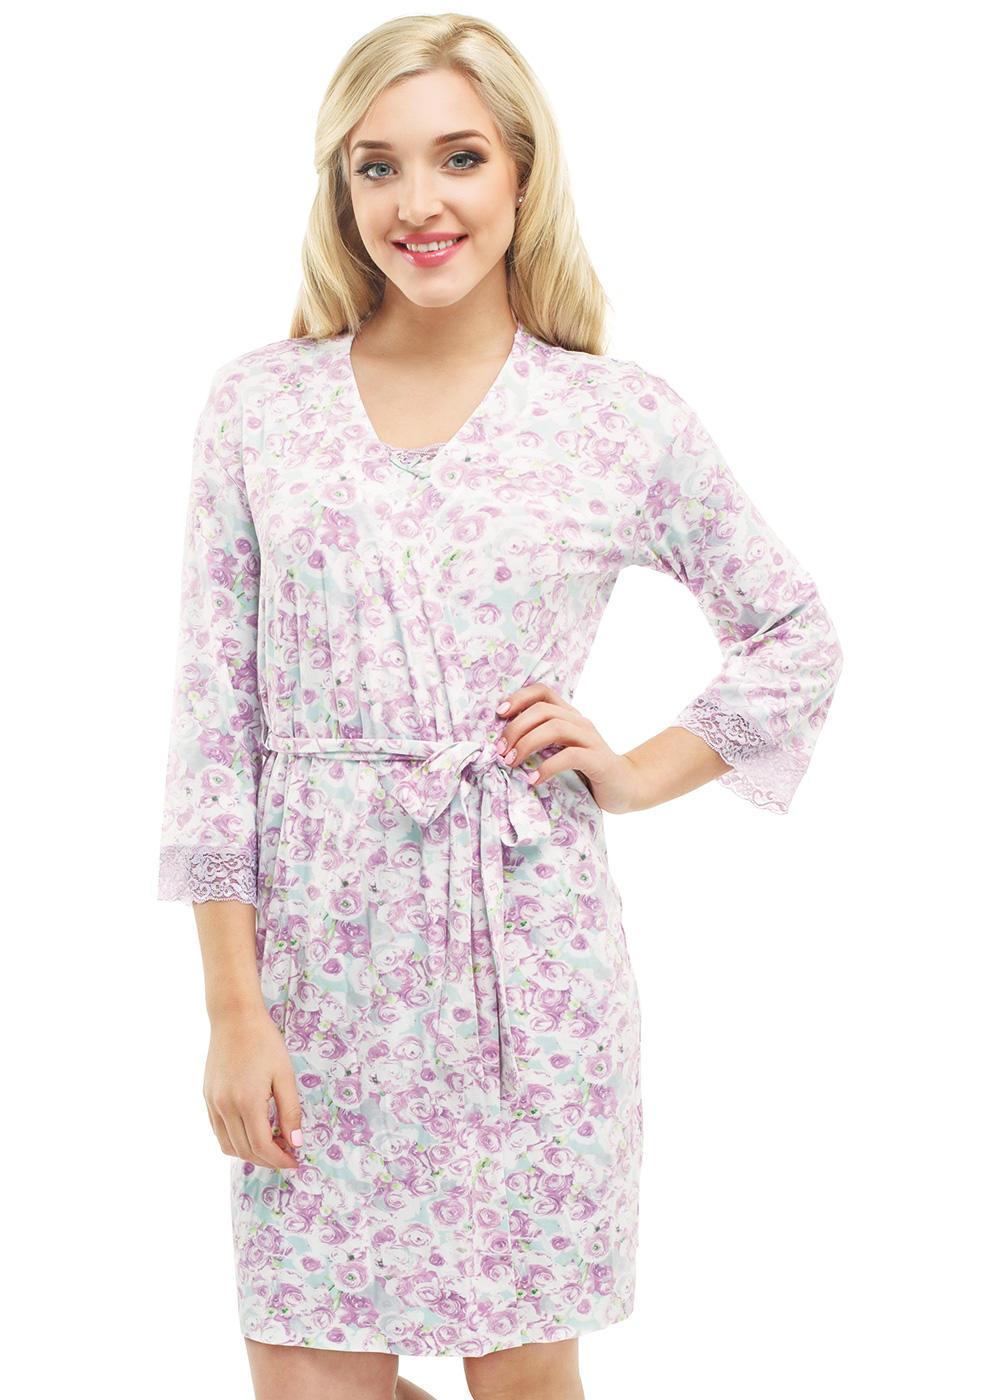 Женская одежда купить в тюмени